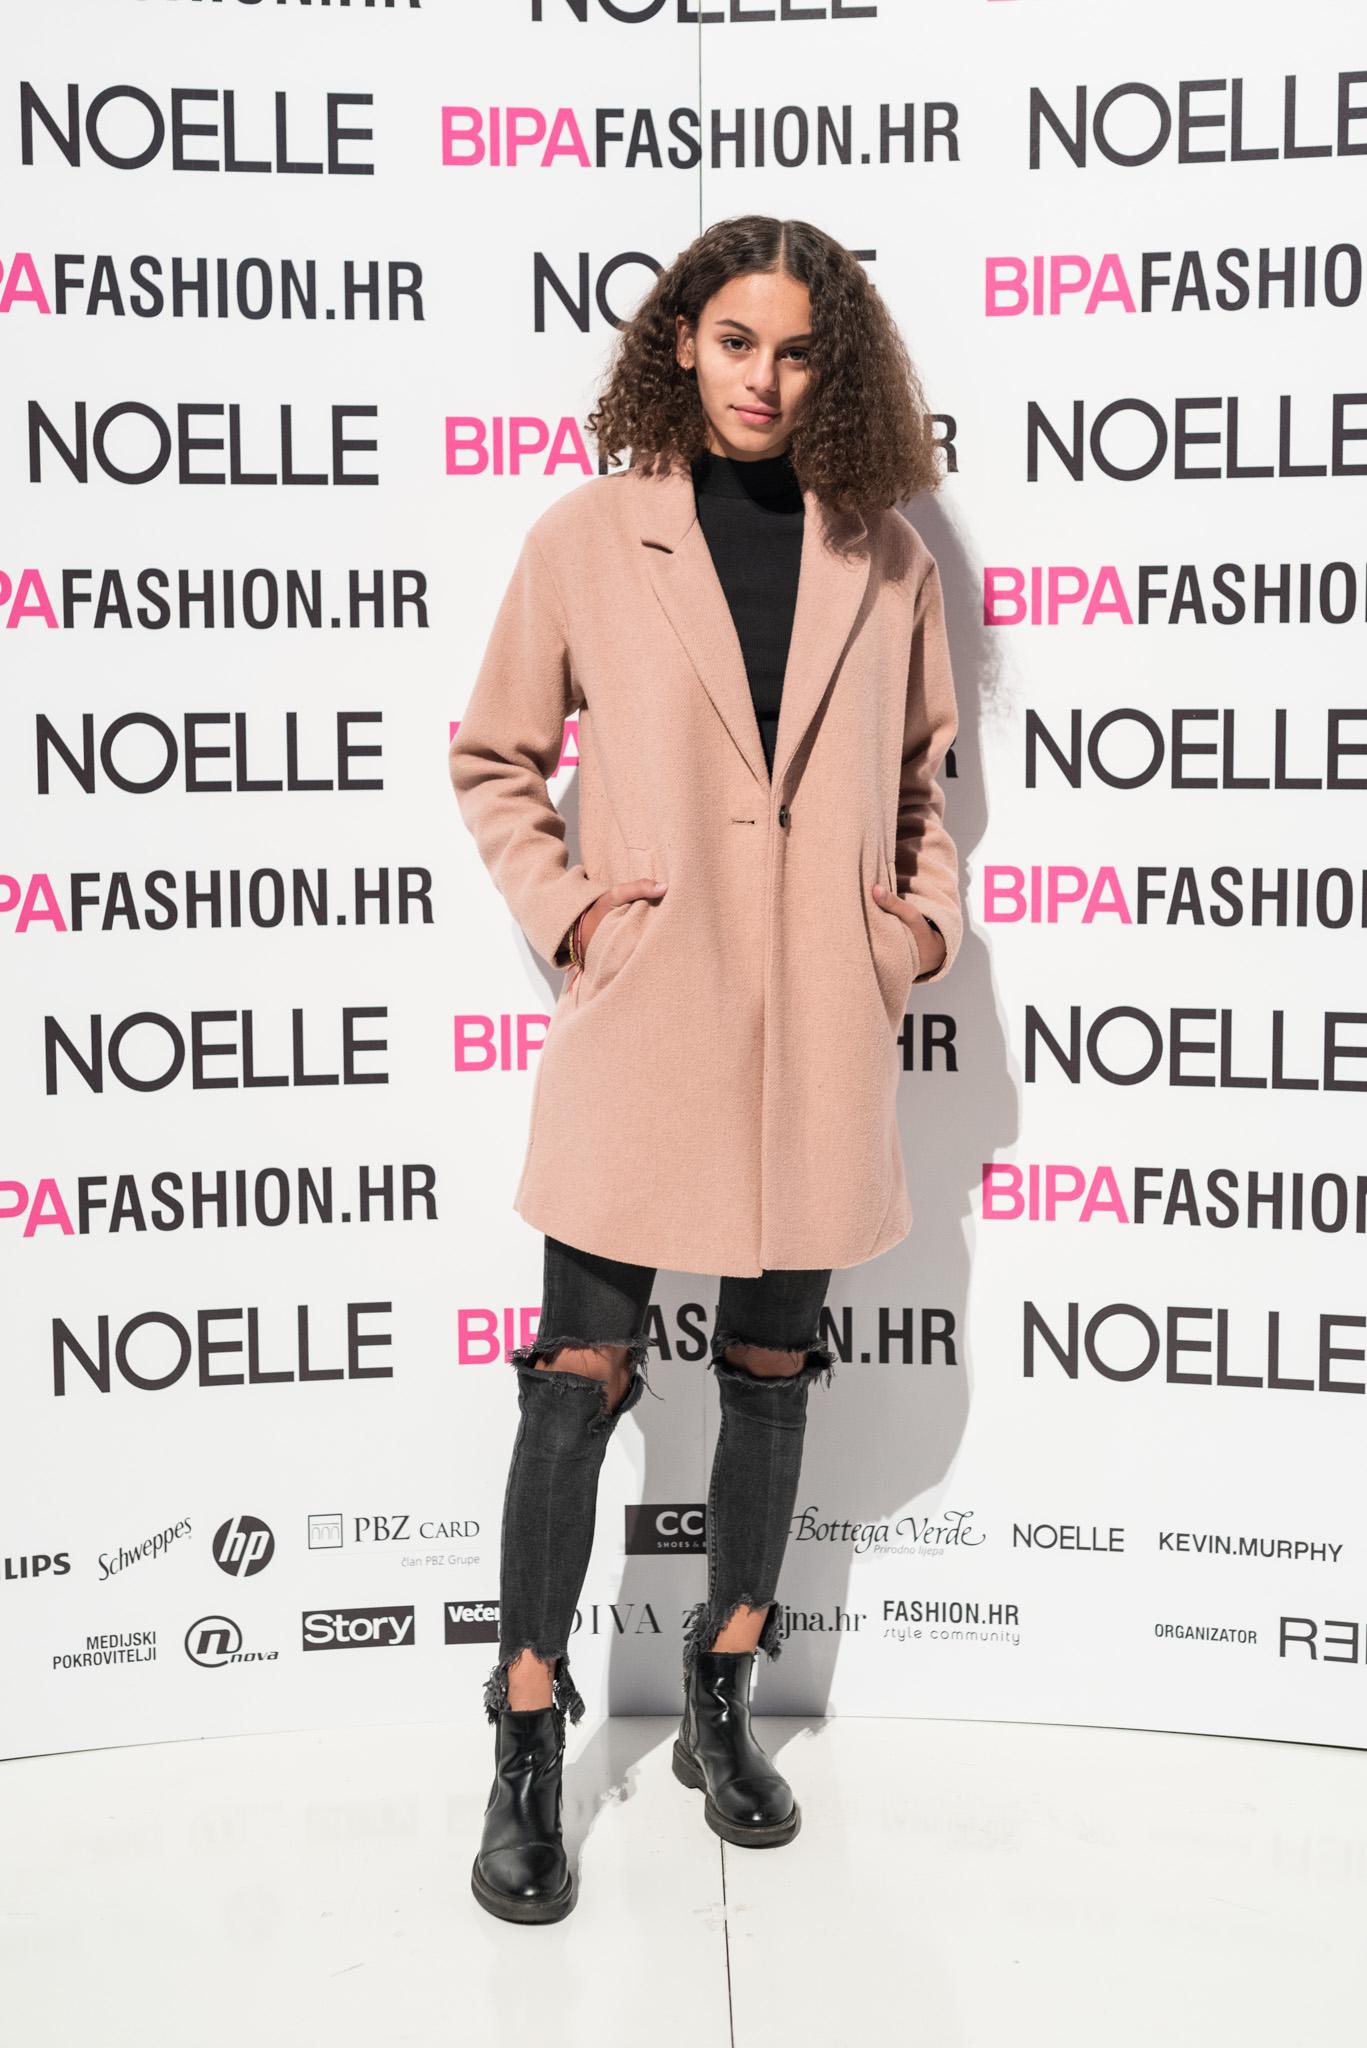 Model Zara Bangoura